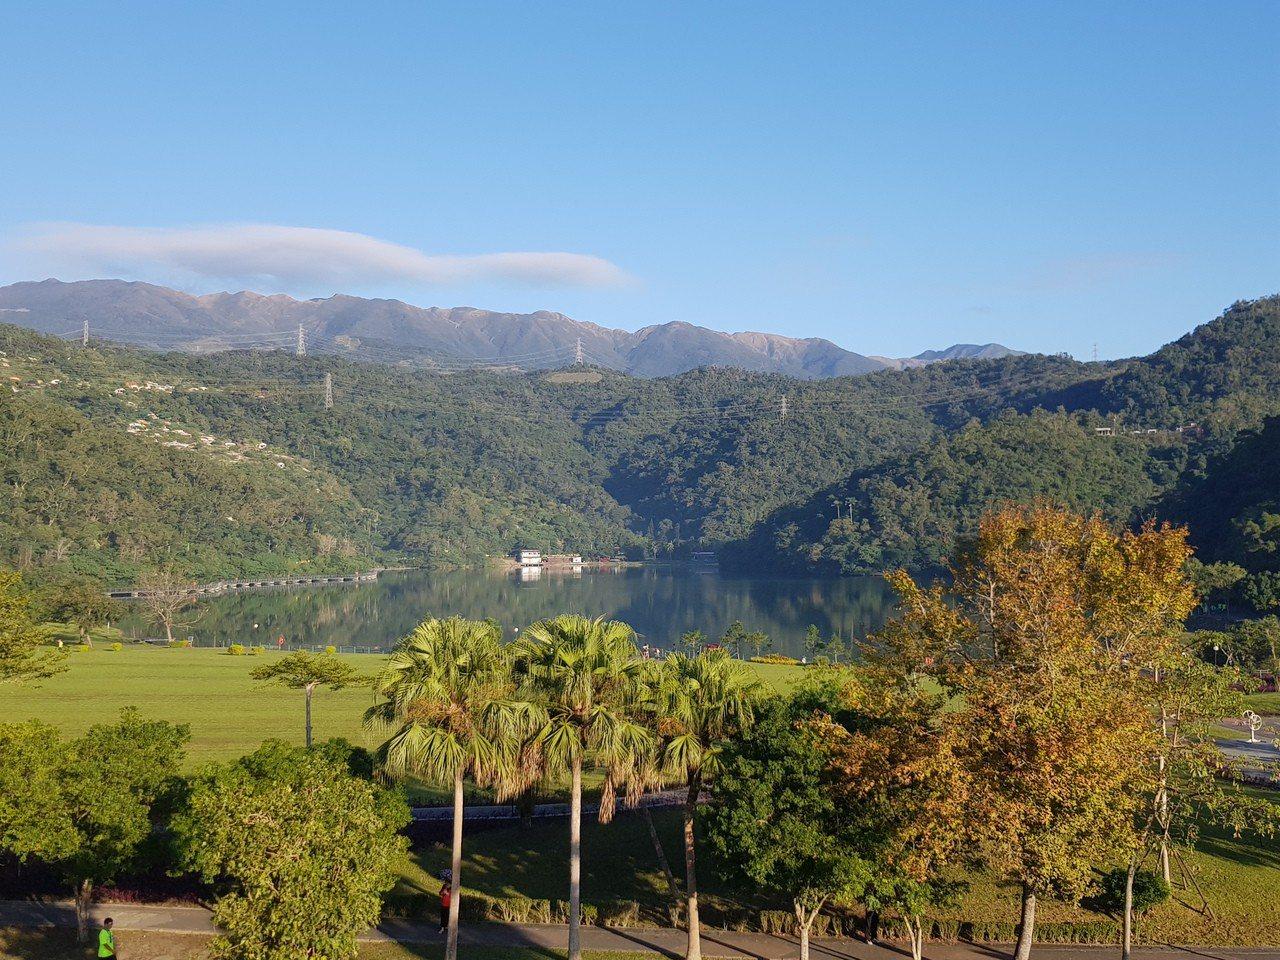 台化宜蘭廠位在宜蘭地區最大天然湖泊「龍潭湖」畔、景色悠美。(記者曾仁凱/攝影)